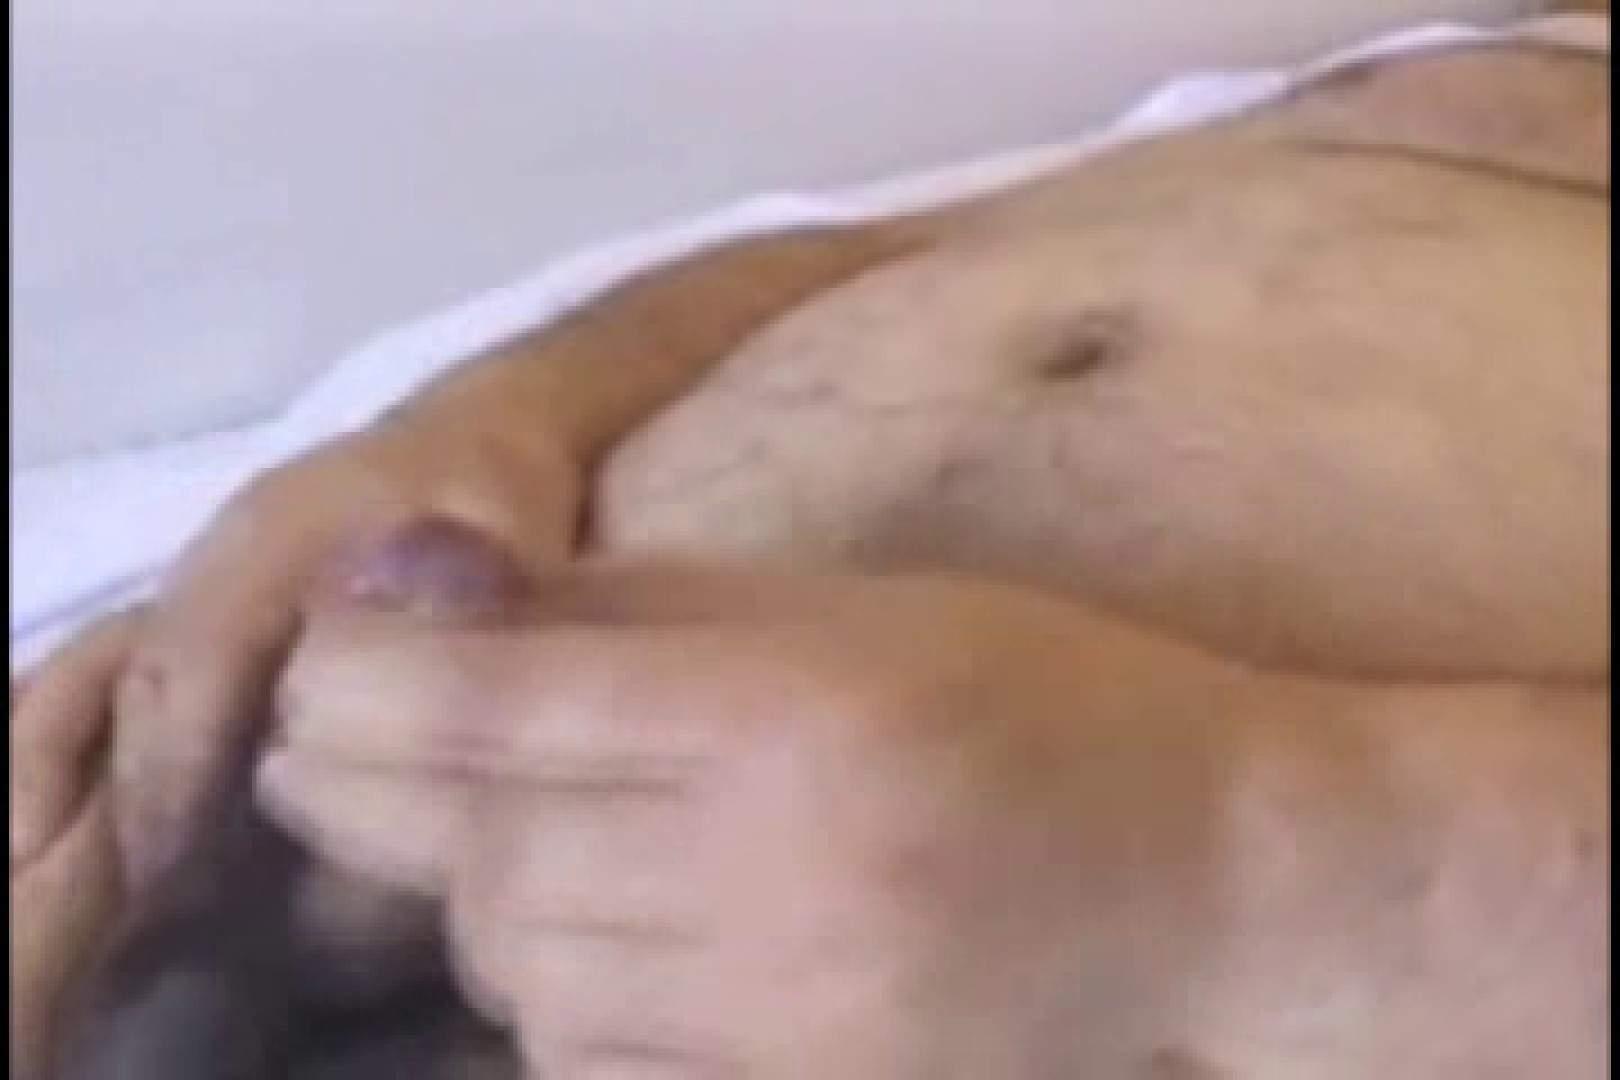 中年旦那の発情記 ゲイのオナニー映像  99枚 12